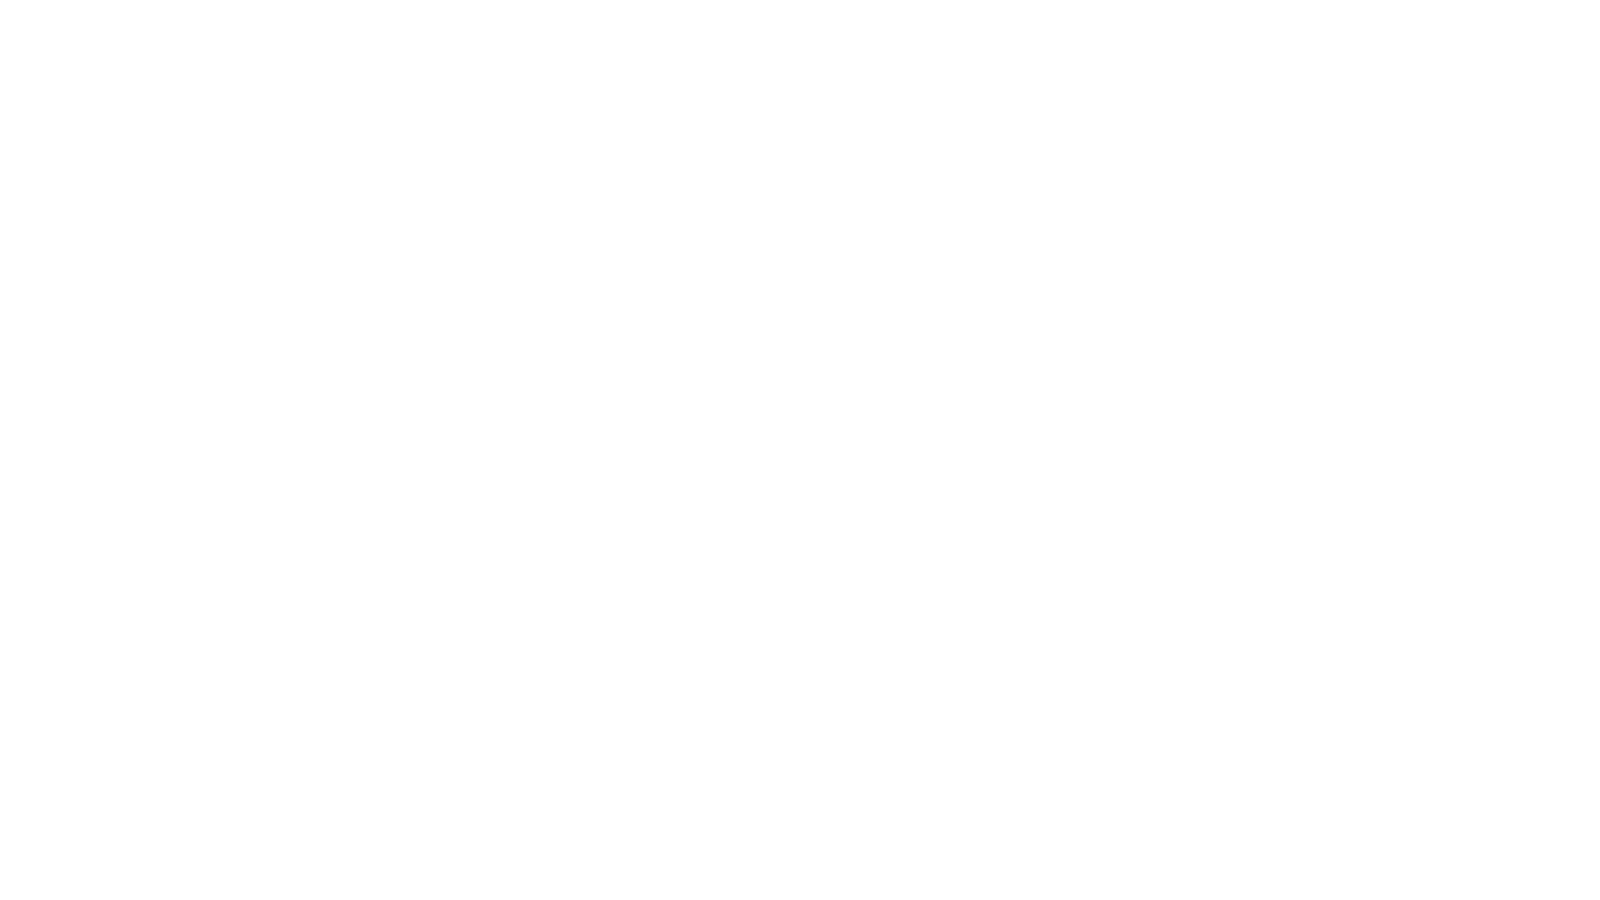 MENYONGSONG PENGESAHAN RANCANGAN UNDANG-UNDANG (RUU) MASYARAKAT HUKUM ADAT (MHA) SEBAGAI HAK INISIATIF DPR RI